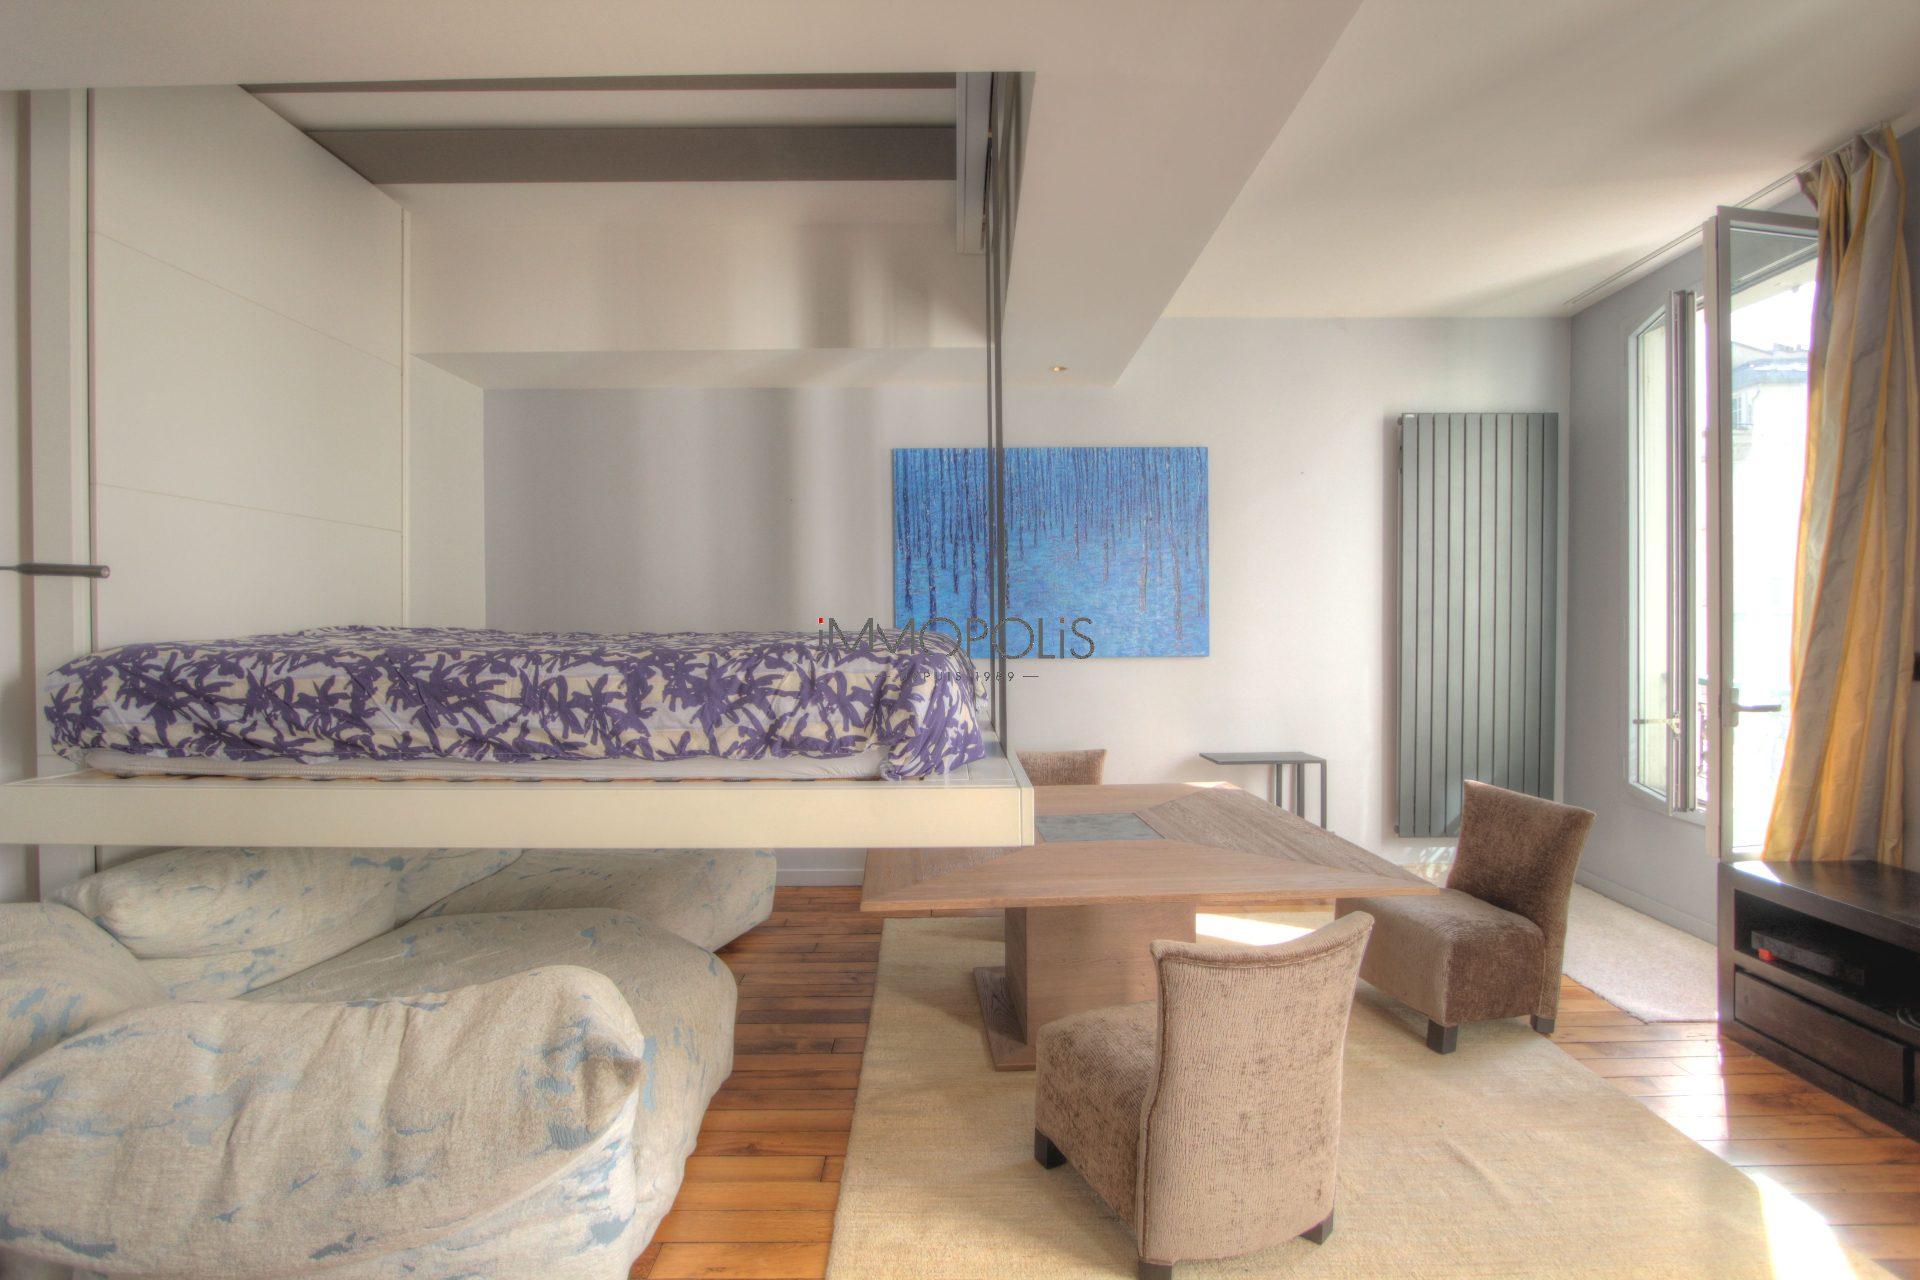 Exceptionnel à Montmartre (rue Gabrielle) : open space refait à neuf, prestations somptueuses, avec balcon et vue dégagée ! 6